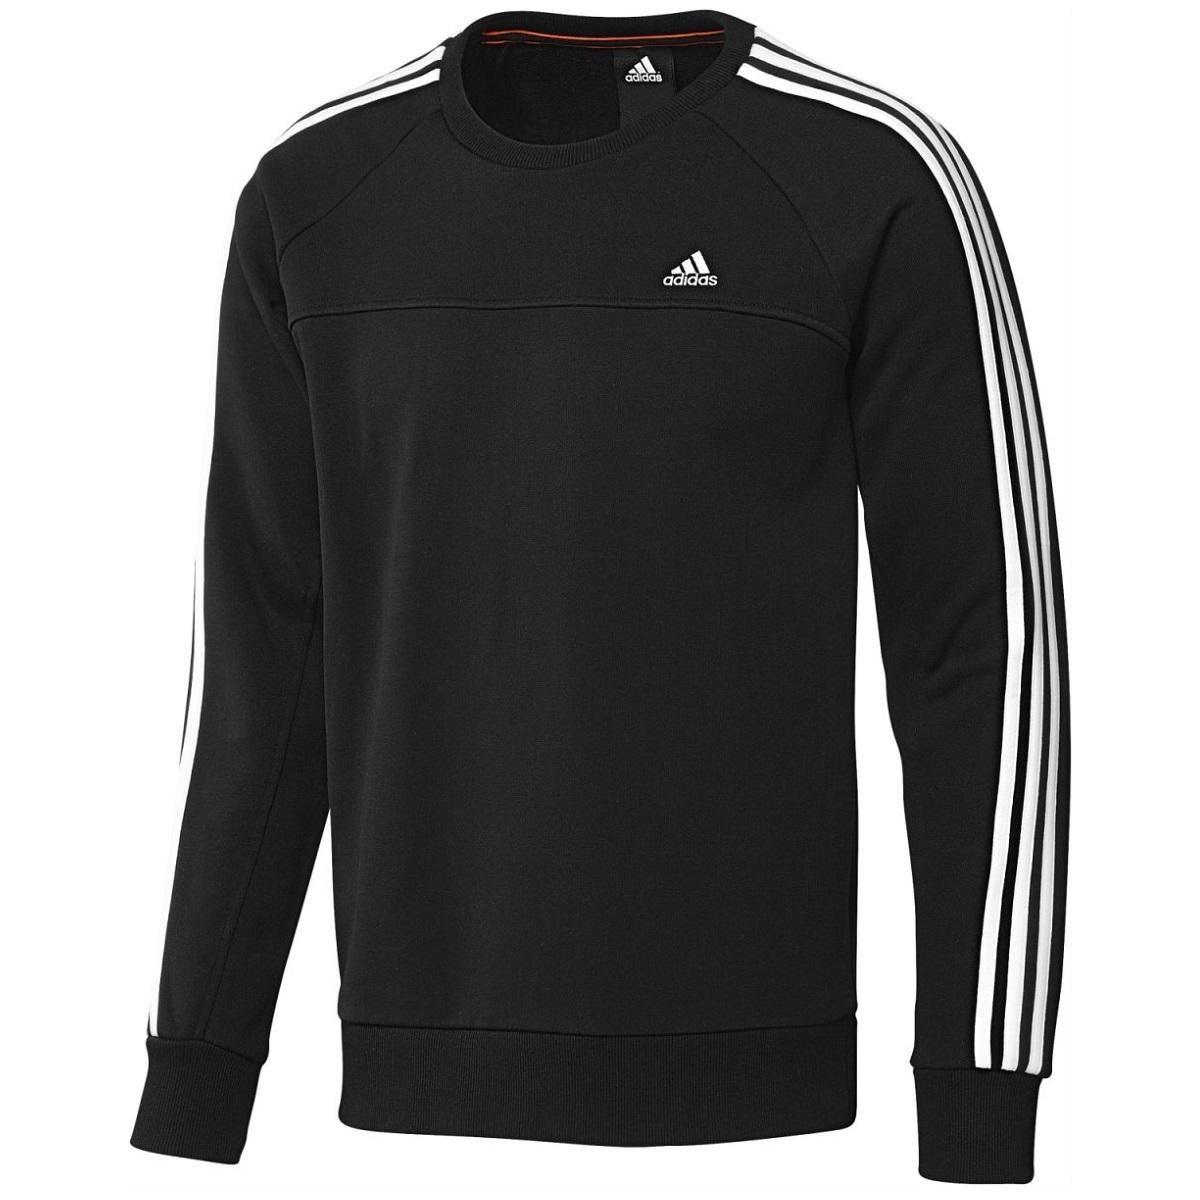 adidas essentials 3 stripes crew sweat pullover sweater langarm herren schwarz ebay. Black Bedroom Furniture Sets. Home Design Ideas